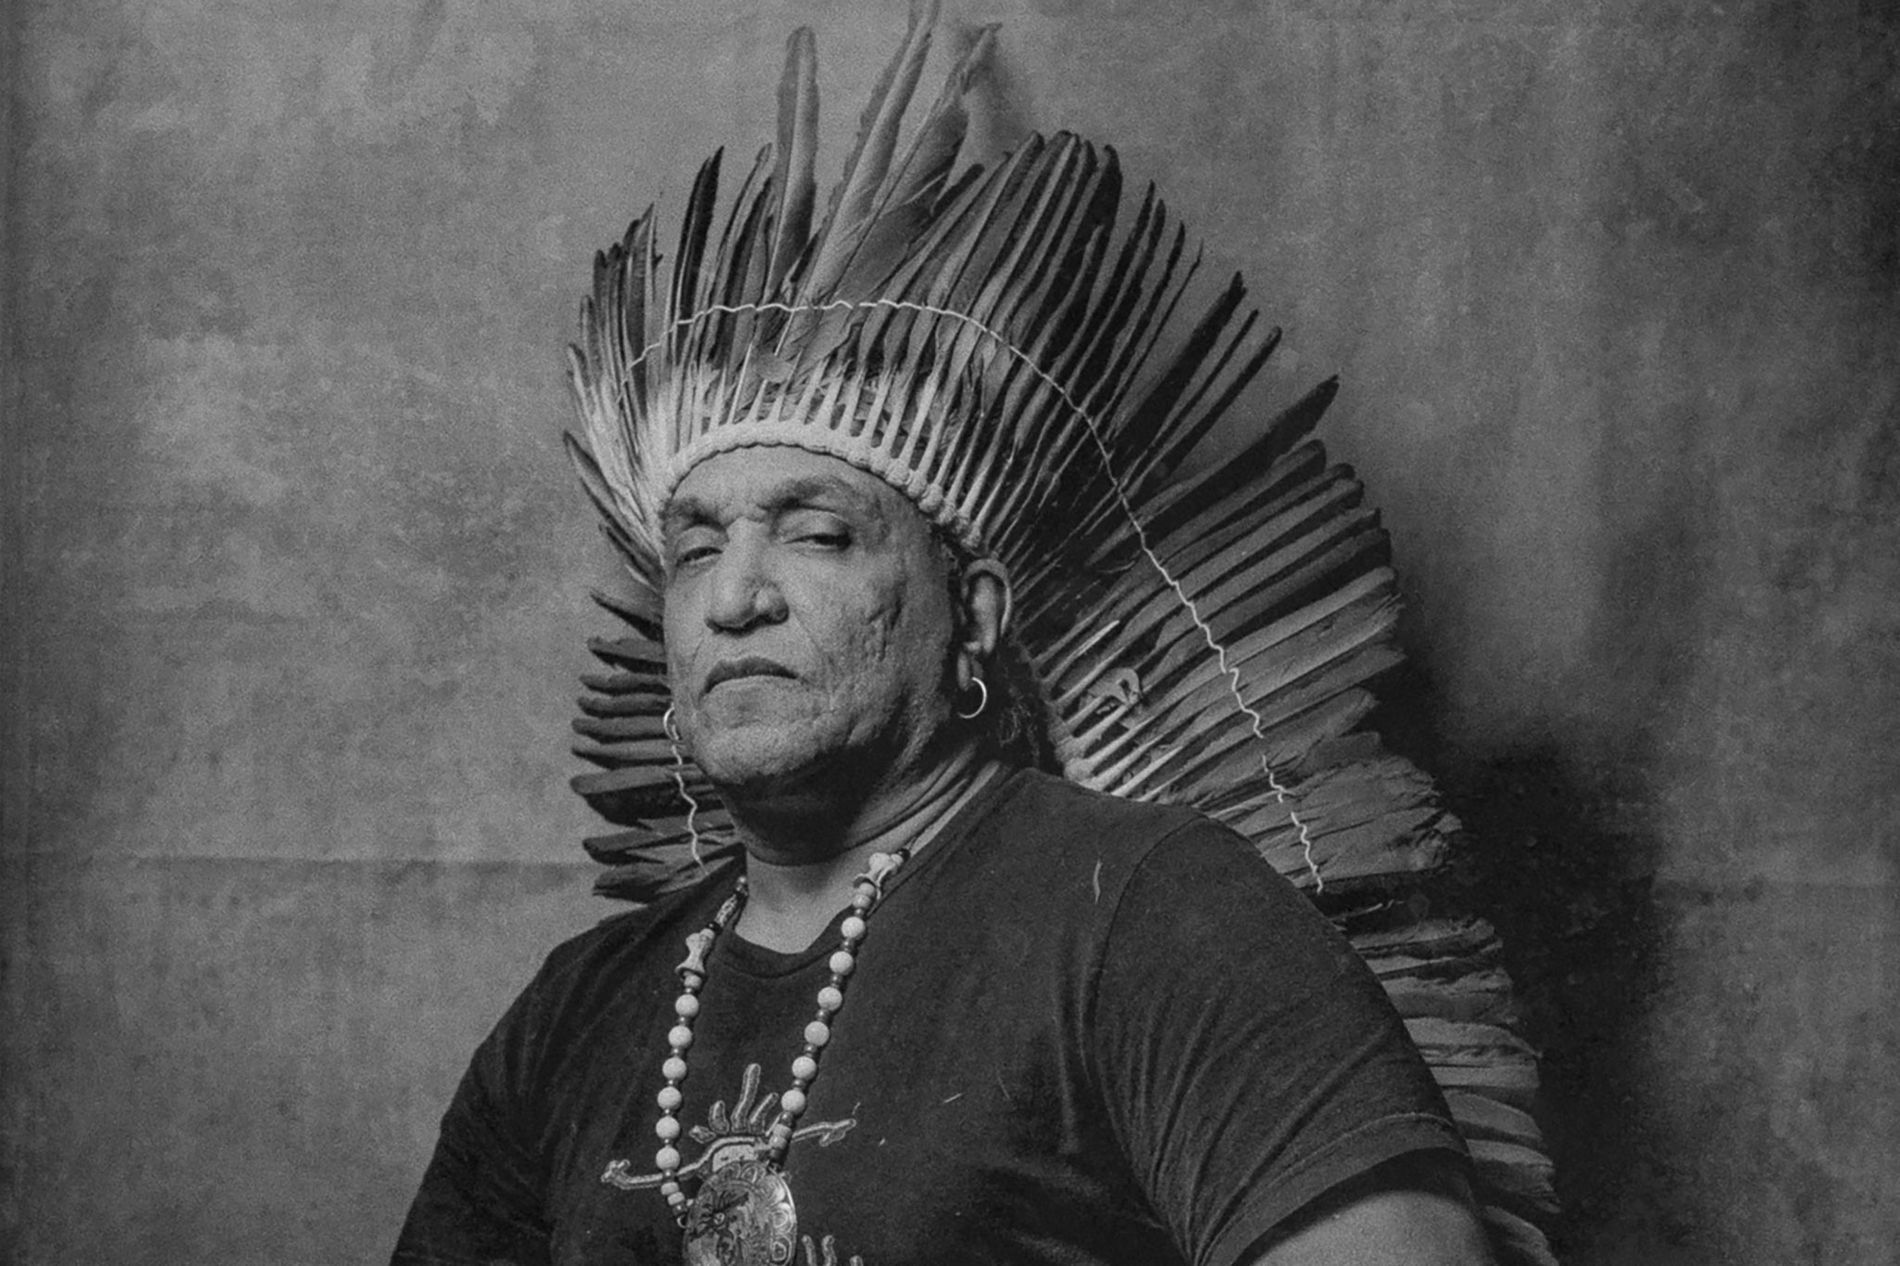 Durante séculos, acreditava-se que o povo indígena da região do Caribe, conhecido como taíno, estivesse extinto. Mas, recentemente, historiadores, auxiliados por exames de DNA, confirmaram o que muitas pessoas autoidentificadas como taínos modernos já sabiam: que um genocídio havia sido perpetrado no papel, depois que o censo parou de contabilizá-los, mas que a identidade deles persistira. Jorge Baracutei Estevez (acima), que lidera um grupo comunitário de taínos em Nova York, trabalhou com a fotógrafa Haruka Sakaguchi para retratar os taínos da atualidade e seus hipotéticos registros no censo.